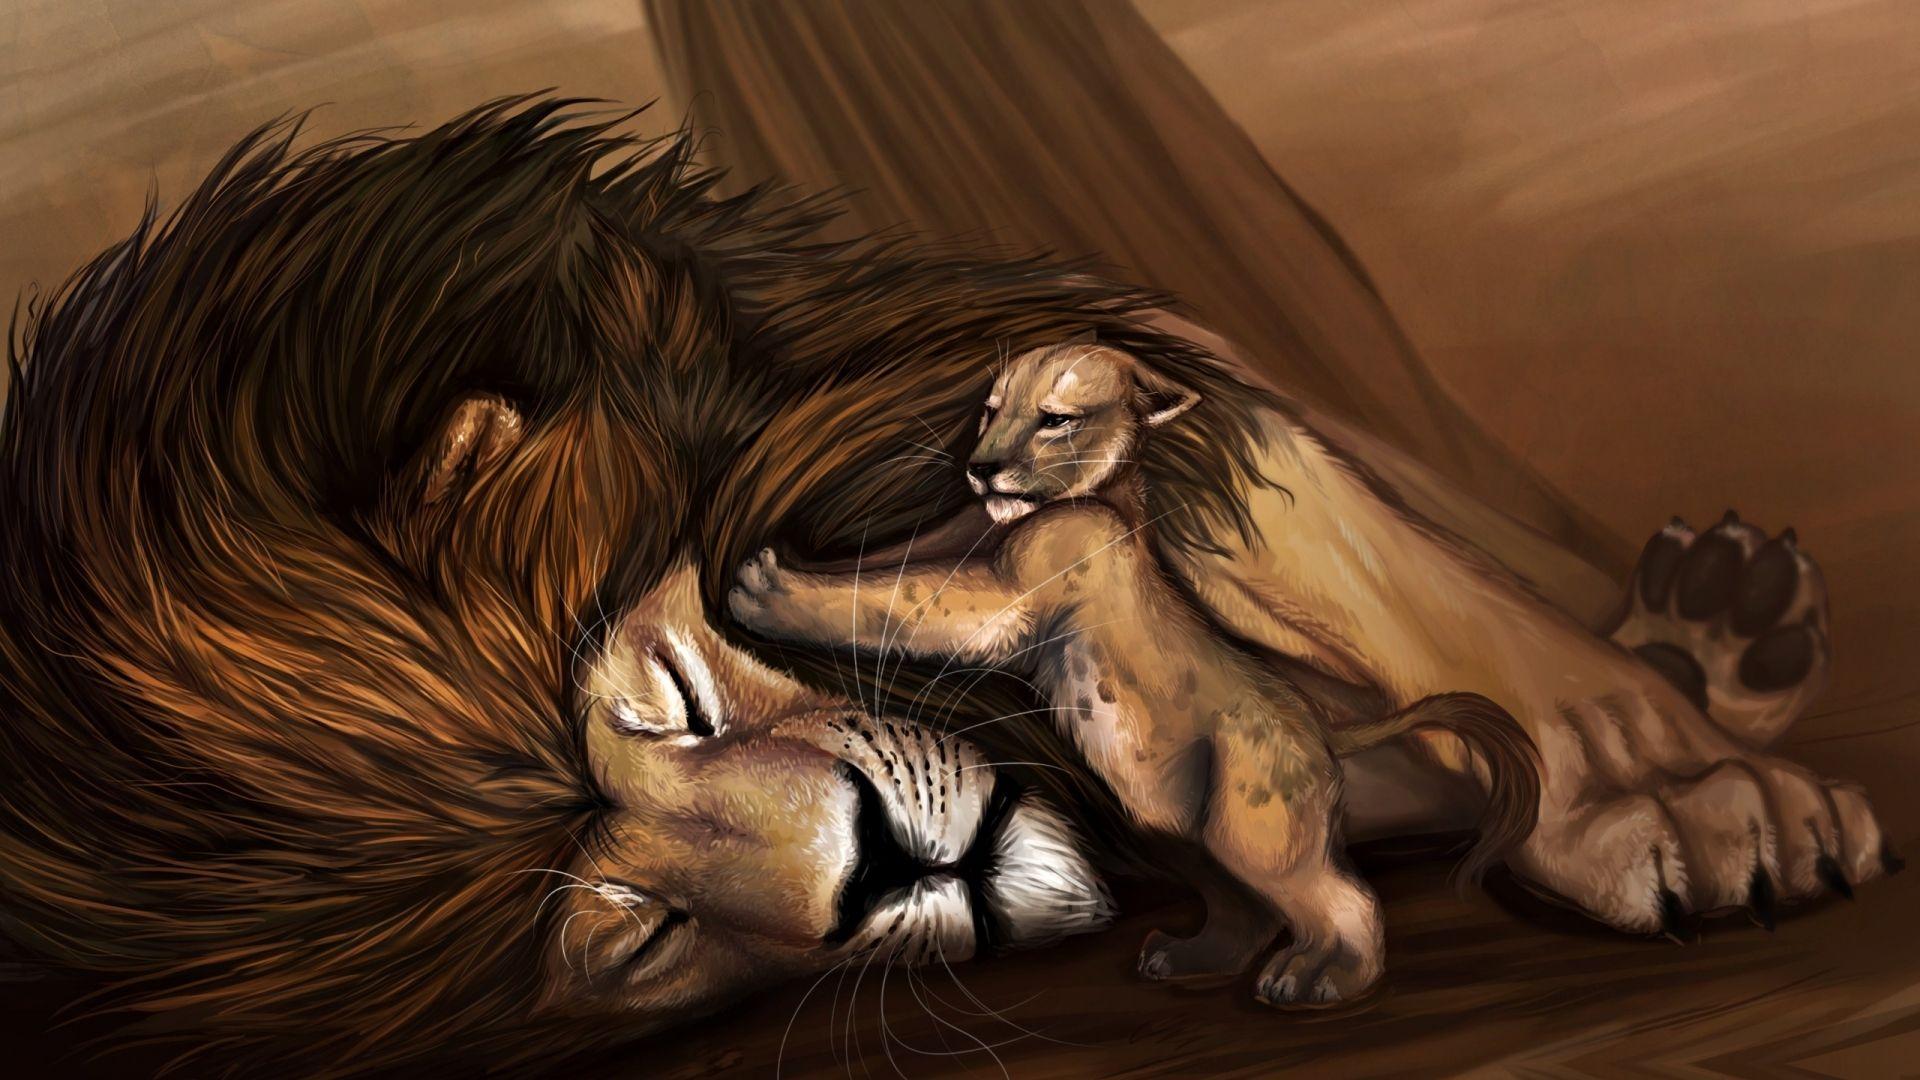 Lion Cartoon Wallpaper